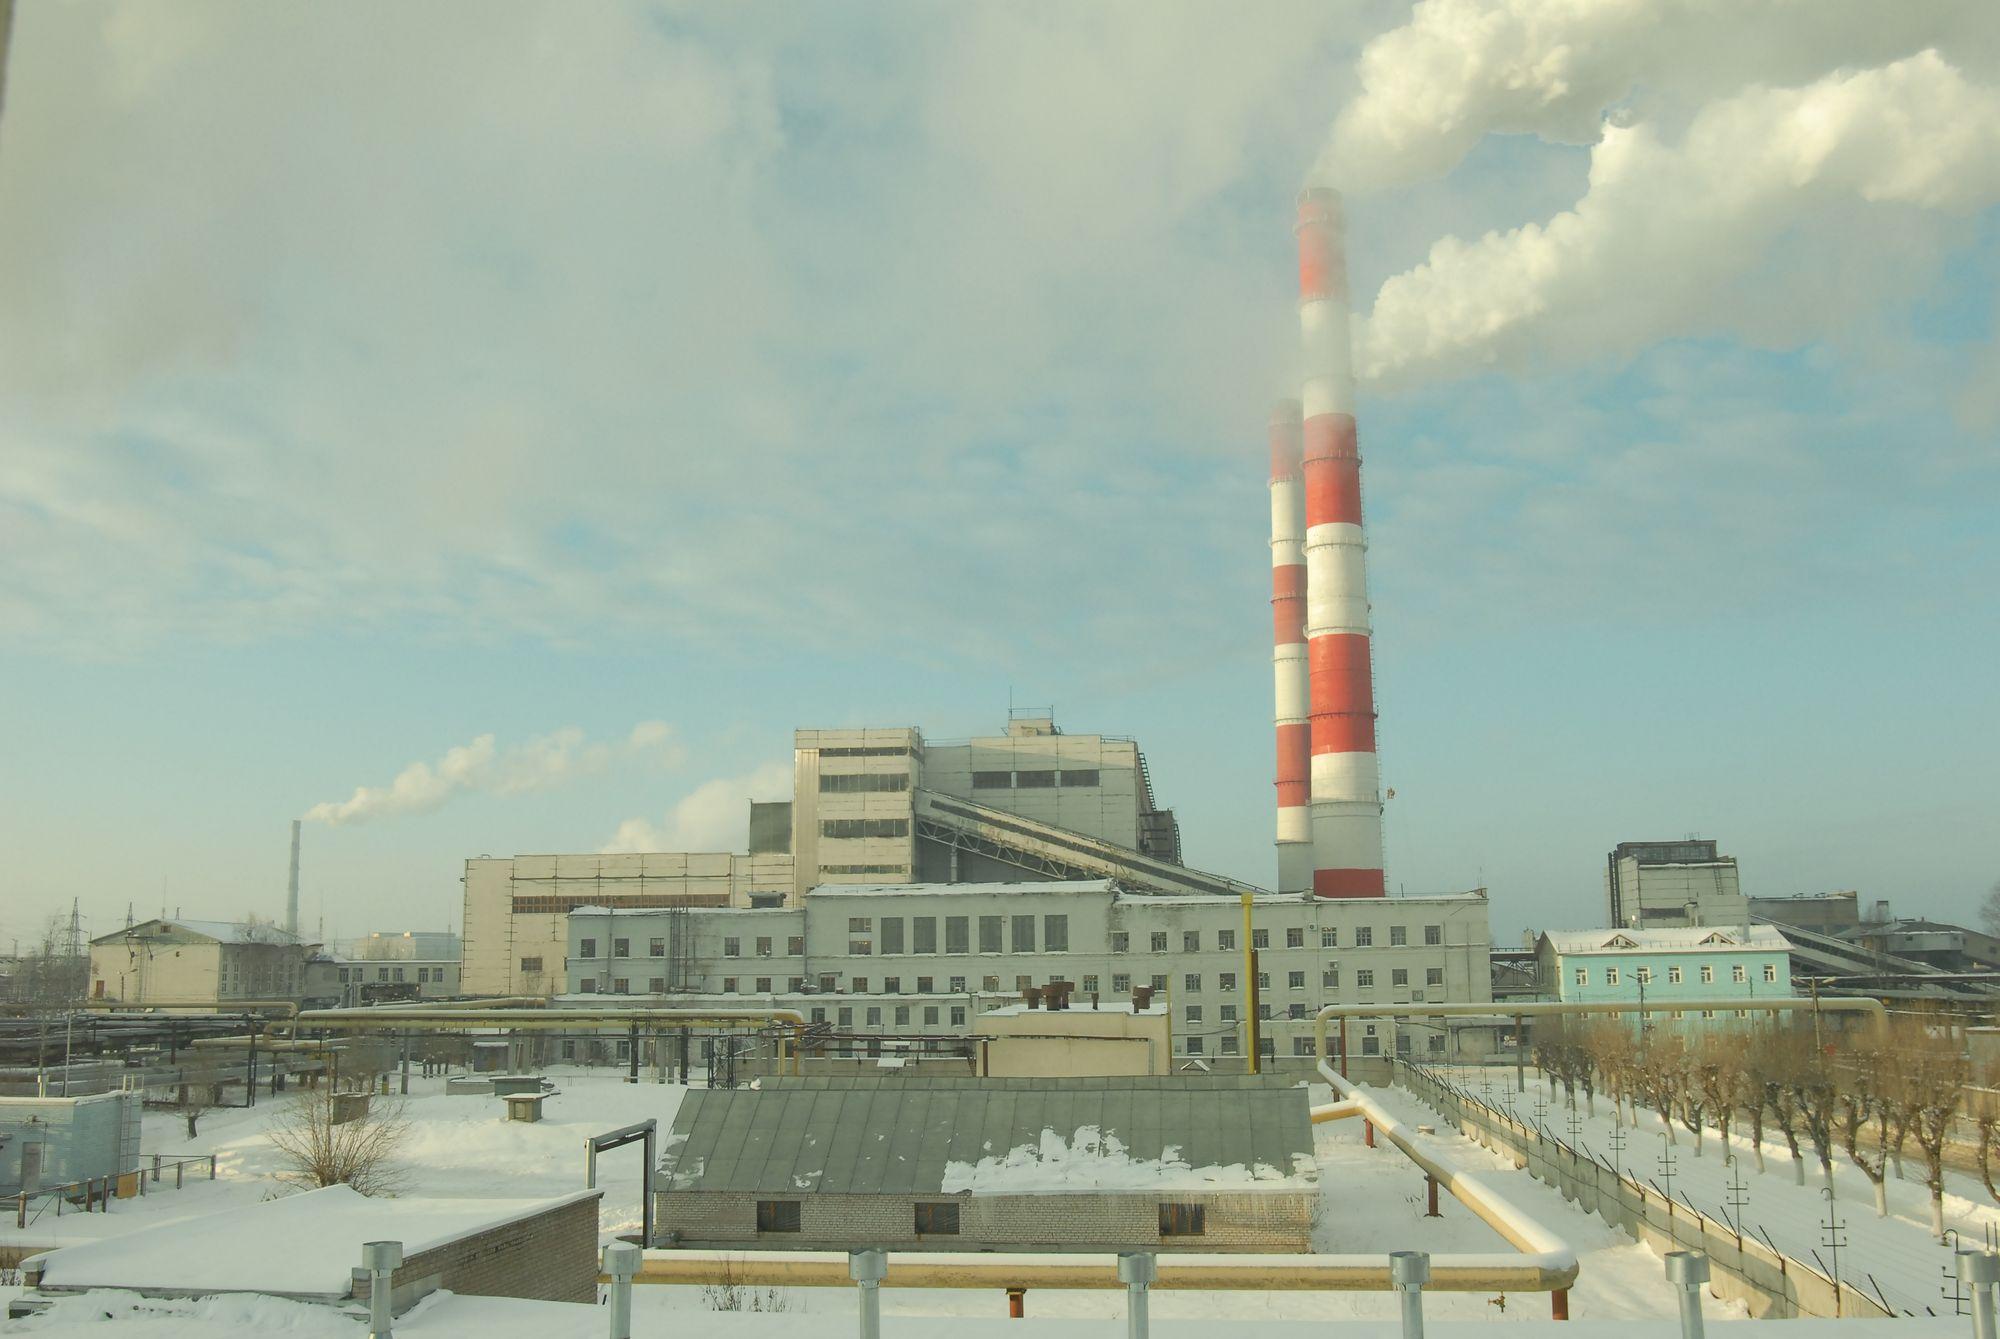 Группа «Т Плюс» в 2018 году нарастила выработку тепловой и электрической энергии